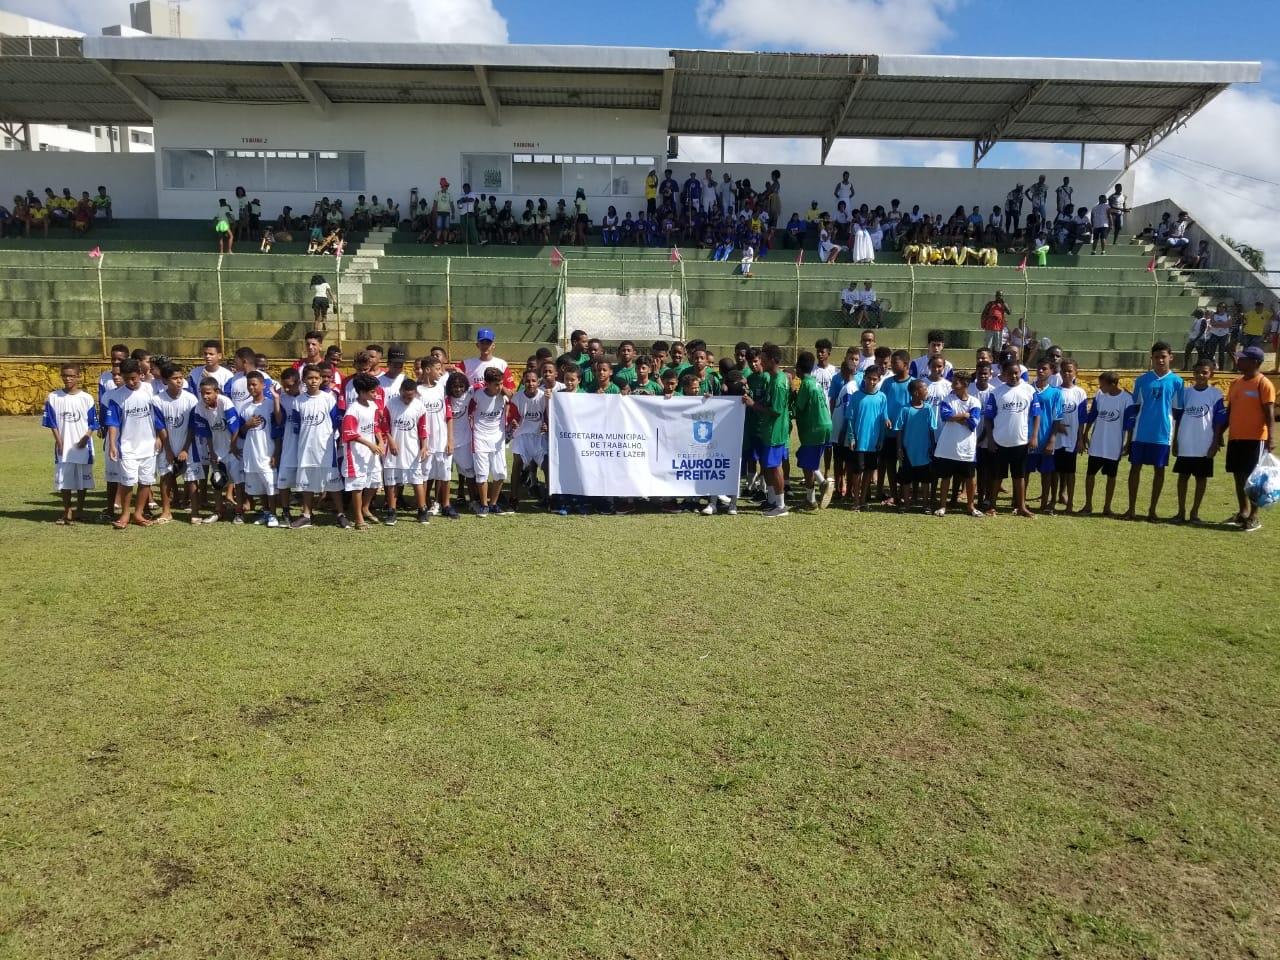 Prefeitura lança Copa Verão de Futebol nesta quarta-feira